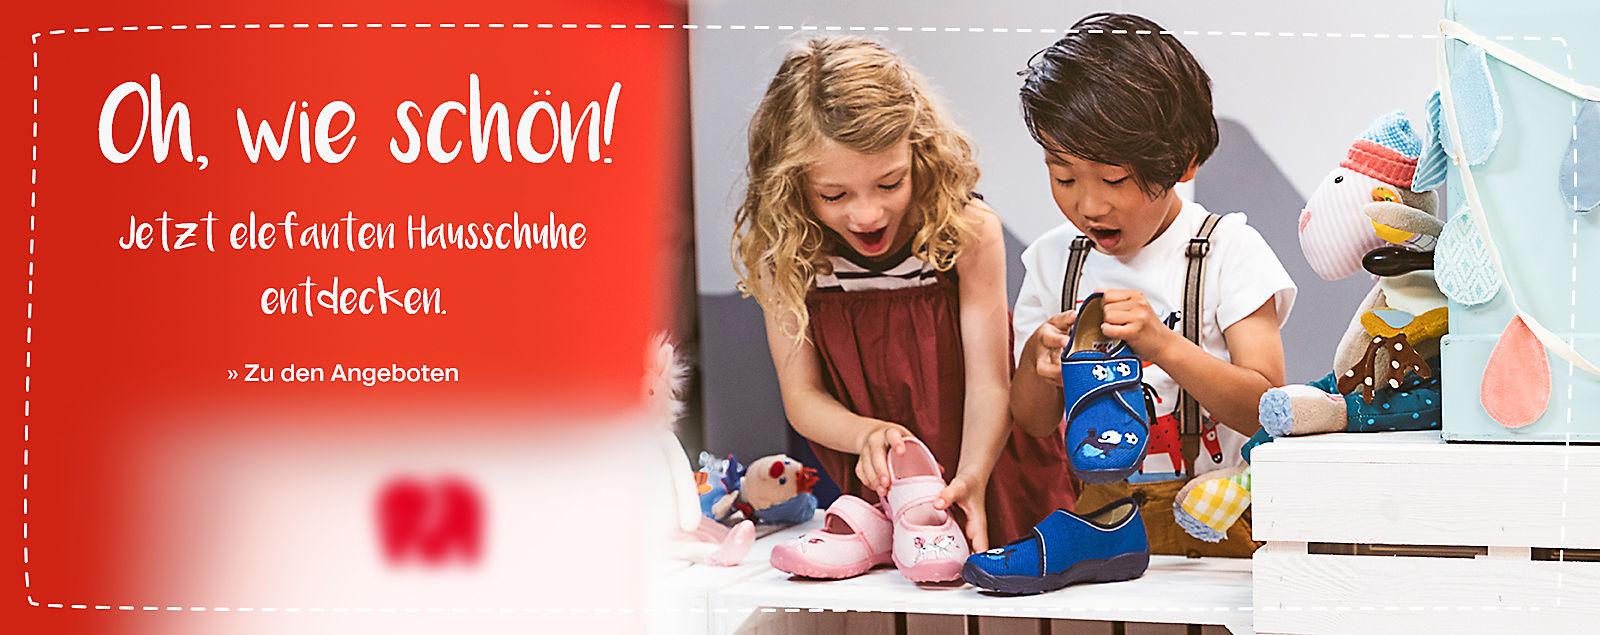 low priced 00cbb 90704 Kinderschuhe von elefanten | Für Kinderfüße entwickelt